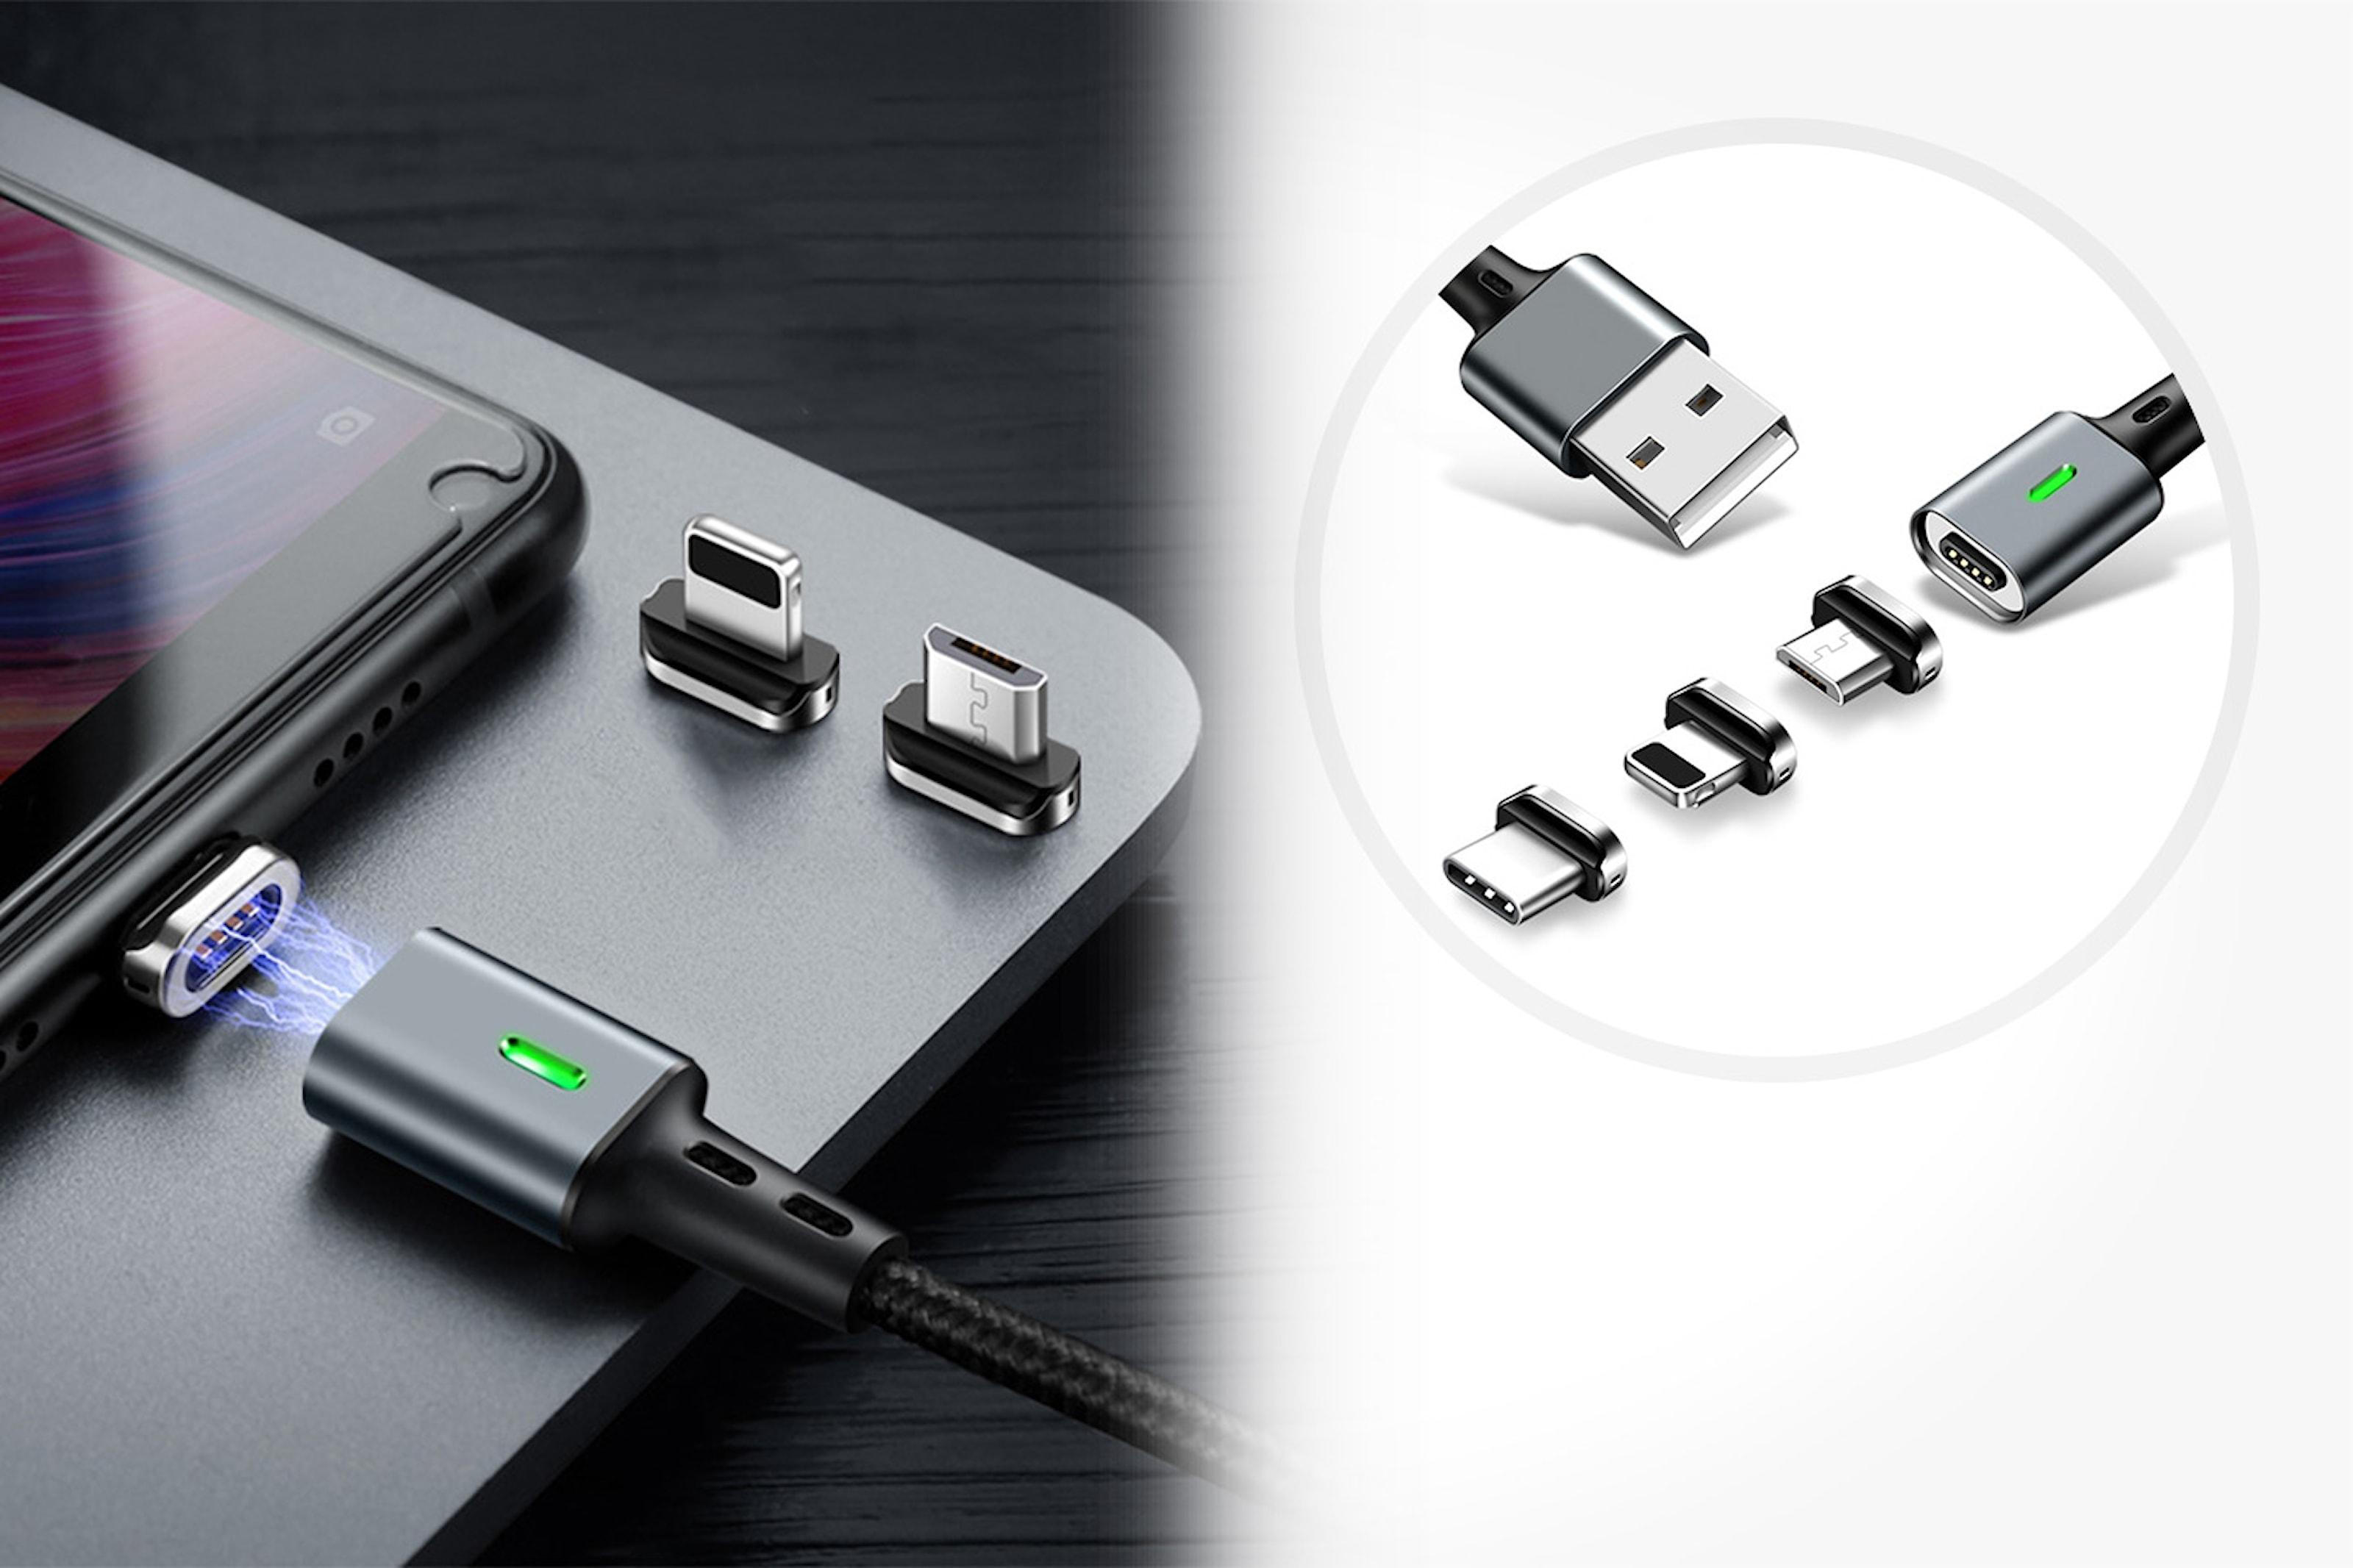 Magnetisk 3-i-1 USB-laddare och kabel